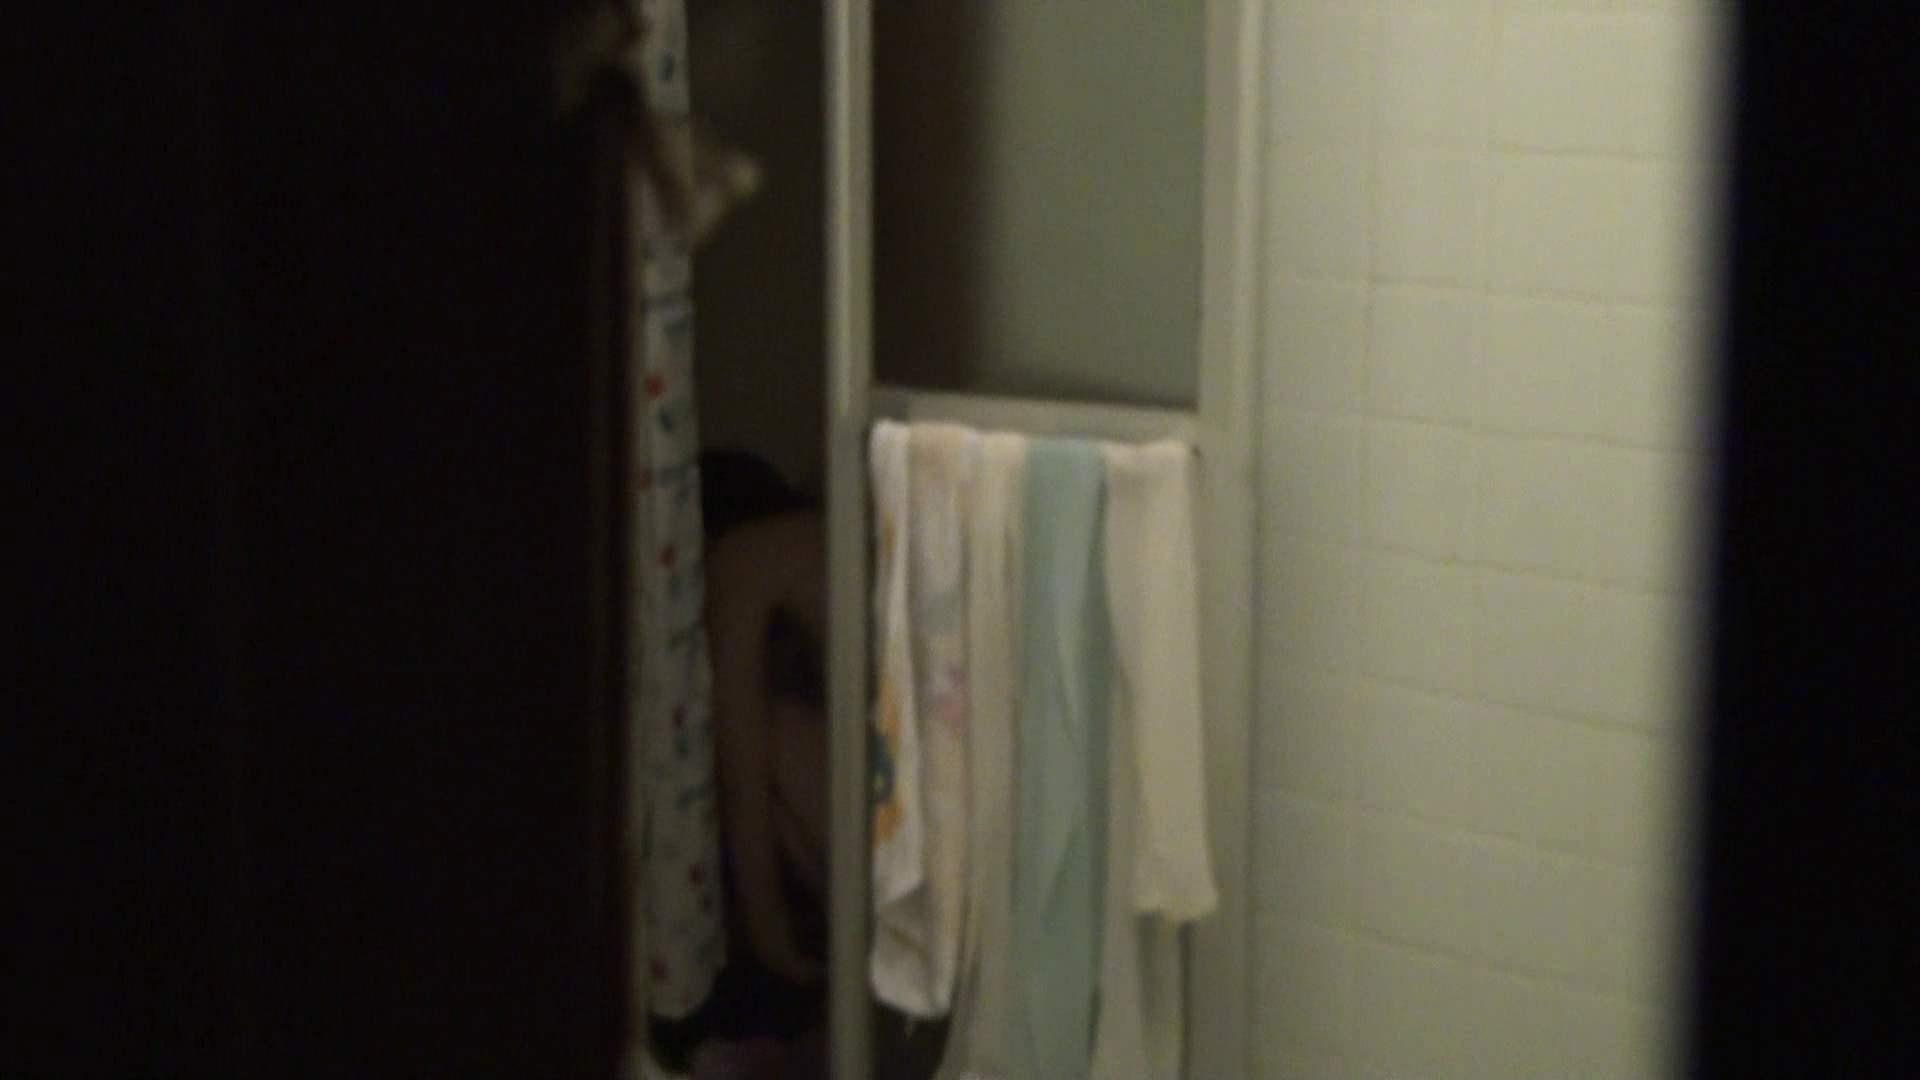 vol.06顔を洗い流す極上お女市さんの裸体をハイビジョンで!風呂上り着替え必見! 盗撮で悶絶 | 着替え  68画像 57